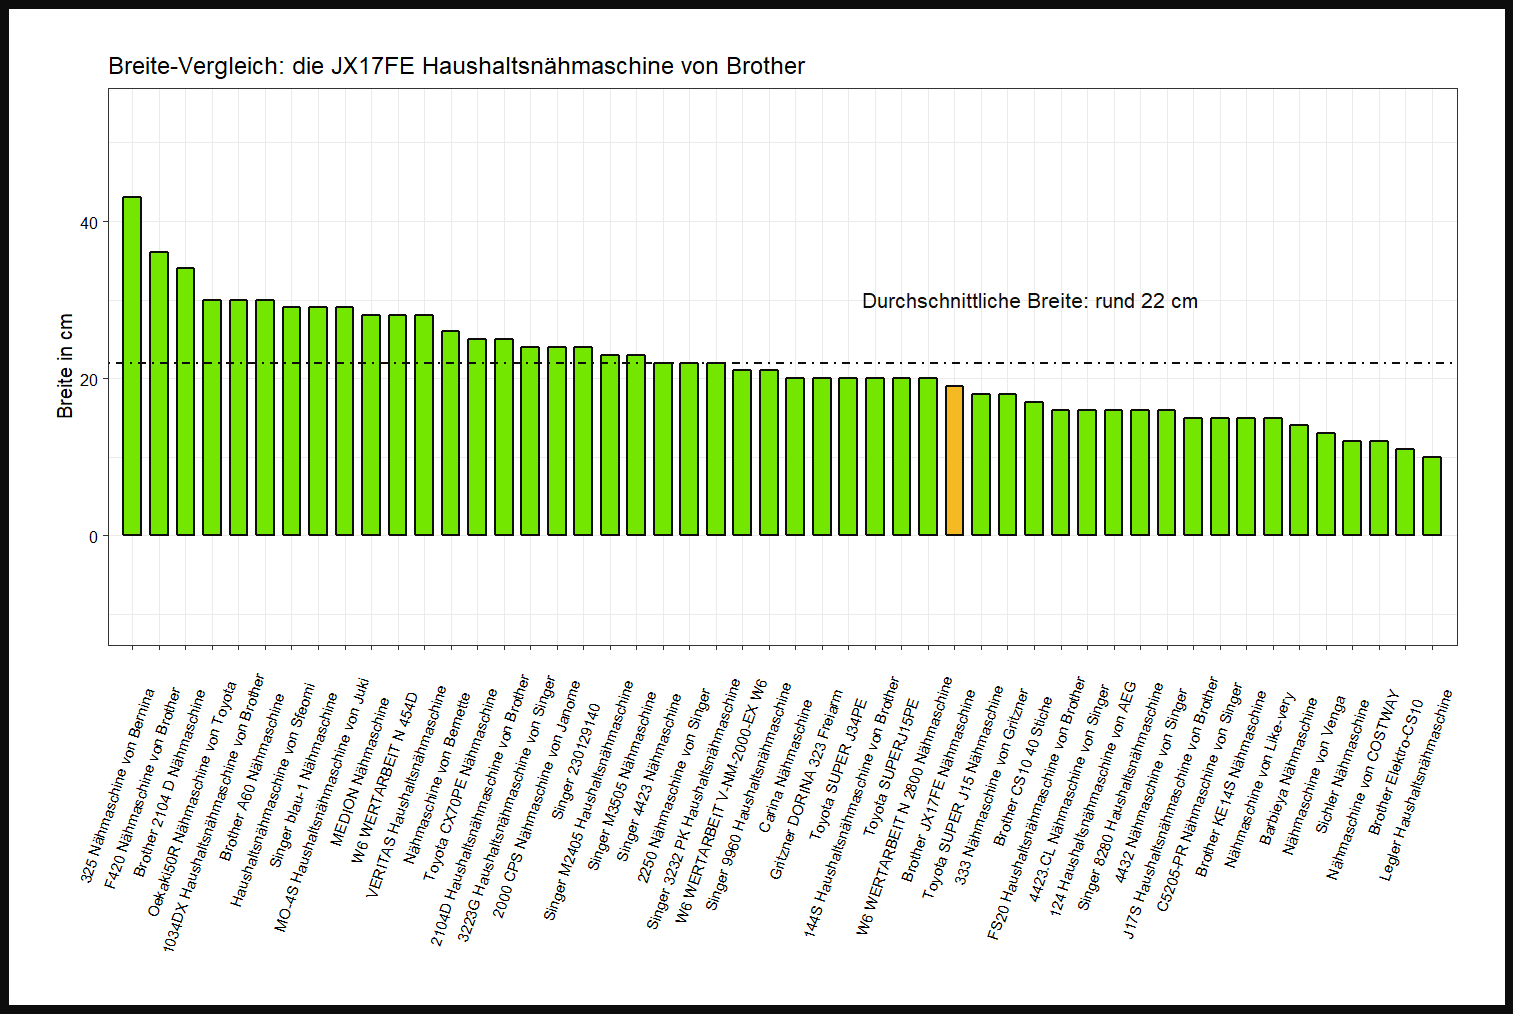 Breite-Vergleich von der Brother Nähmaschine JX17FE